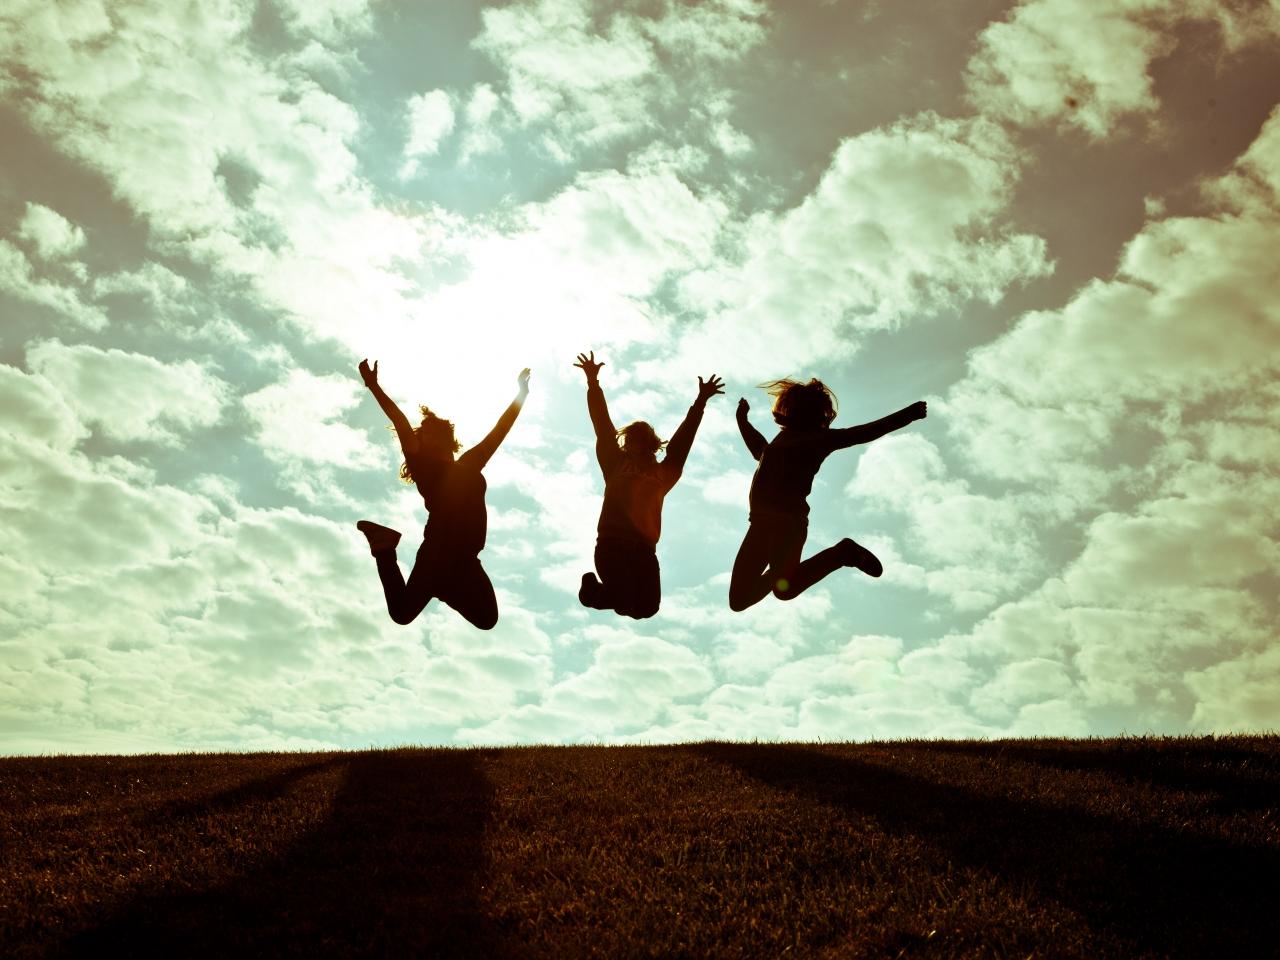 Chicas saltando - 1280x960